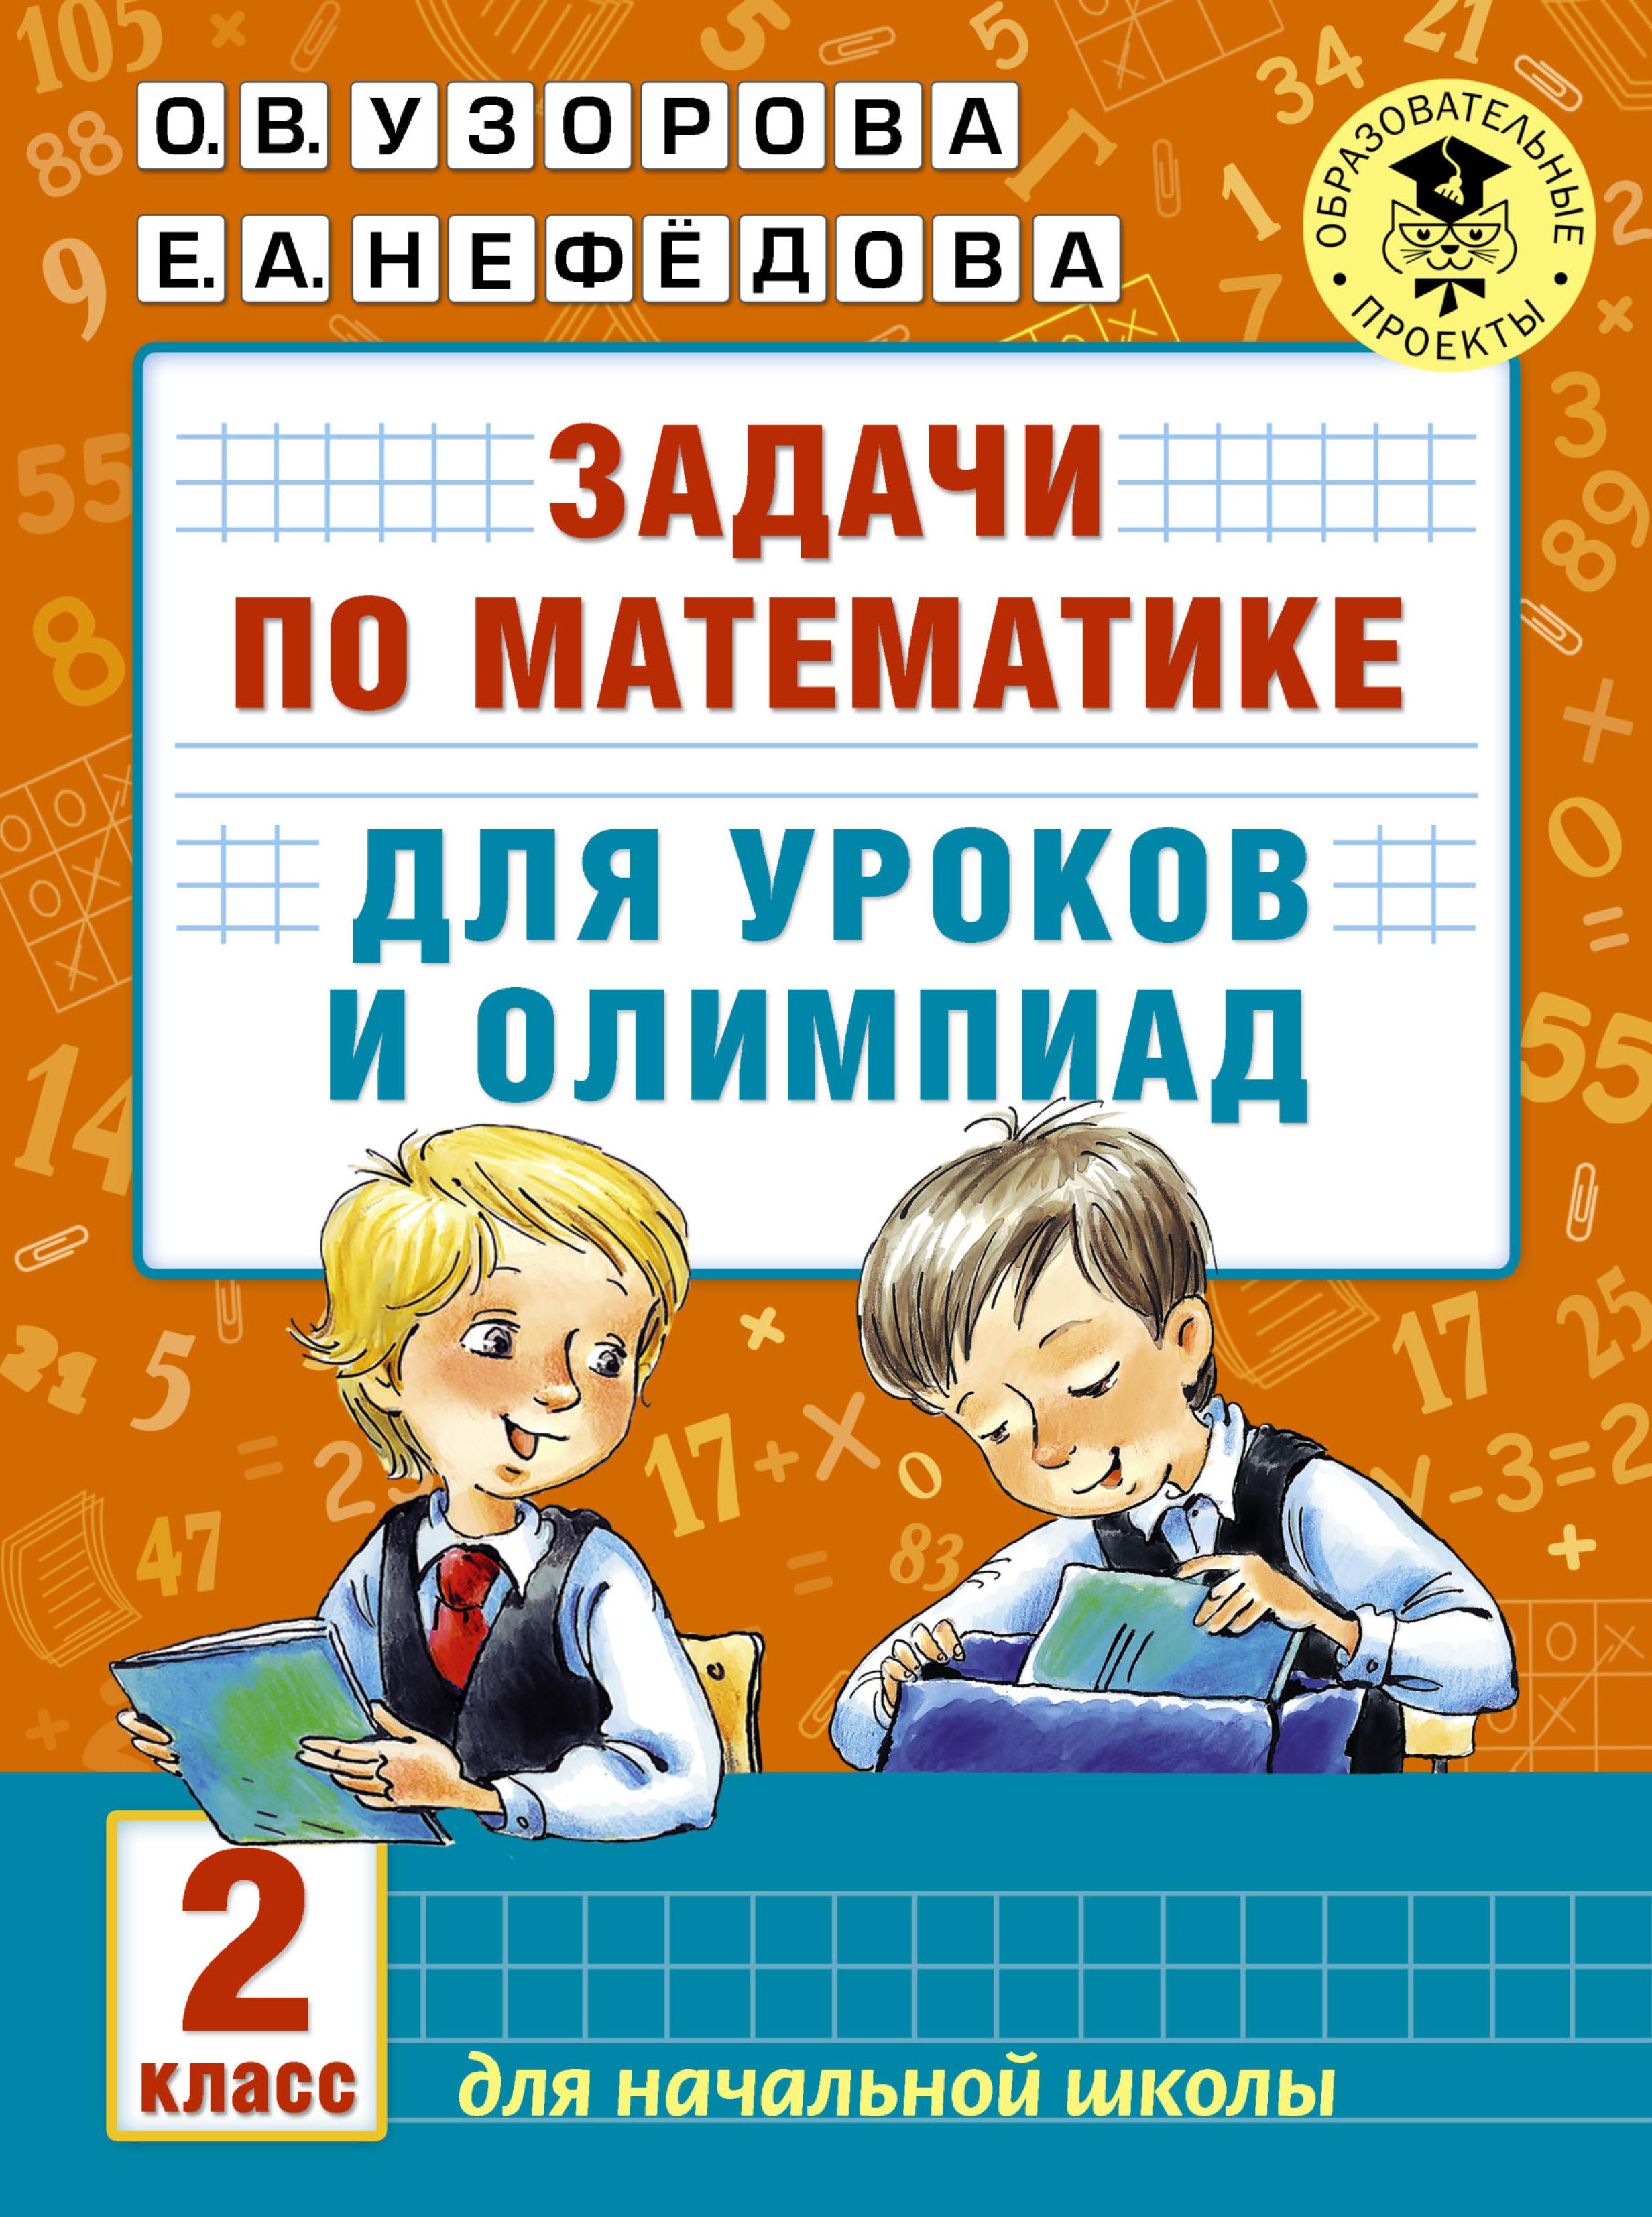 О. В. Узорова Задачи по математике для уроков и олимпиад. 2 класс